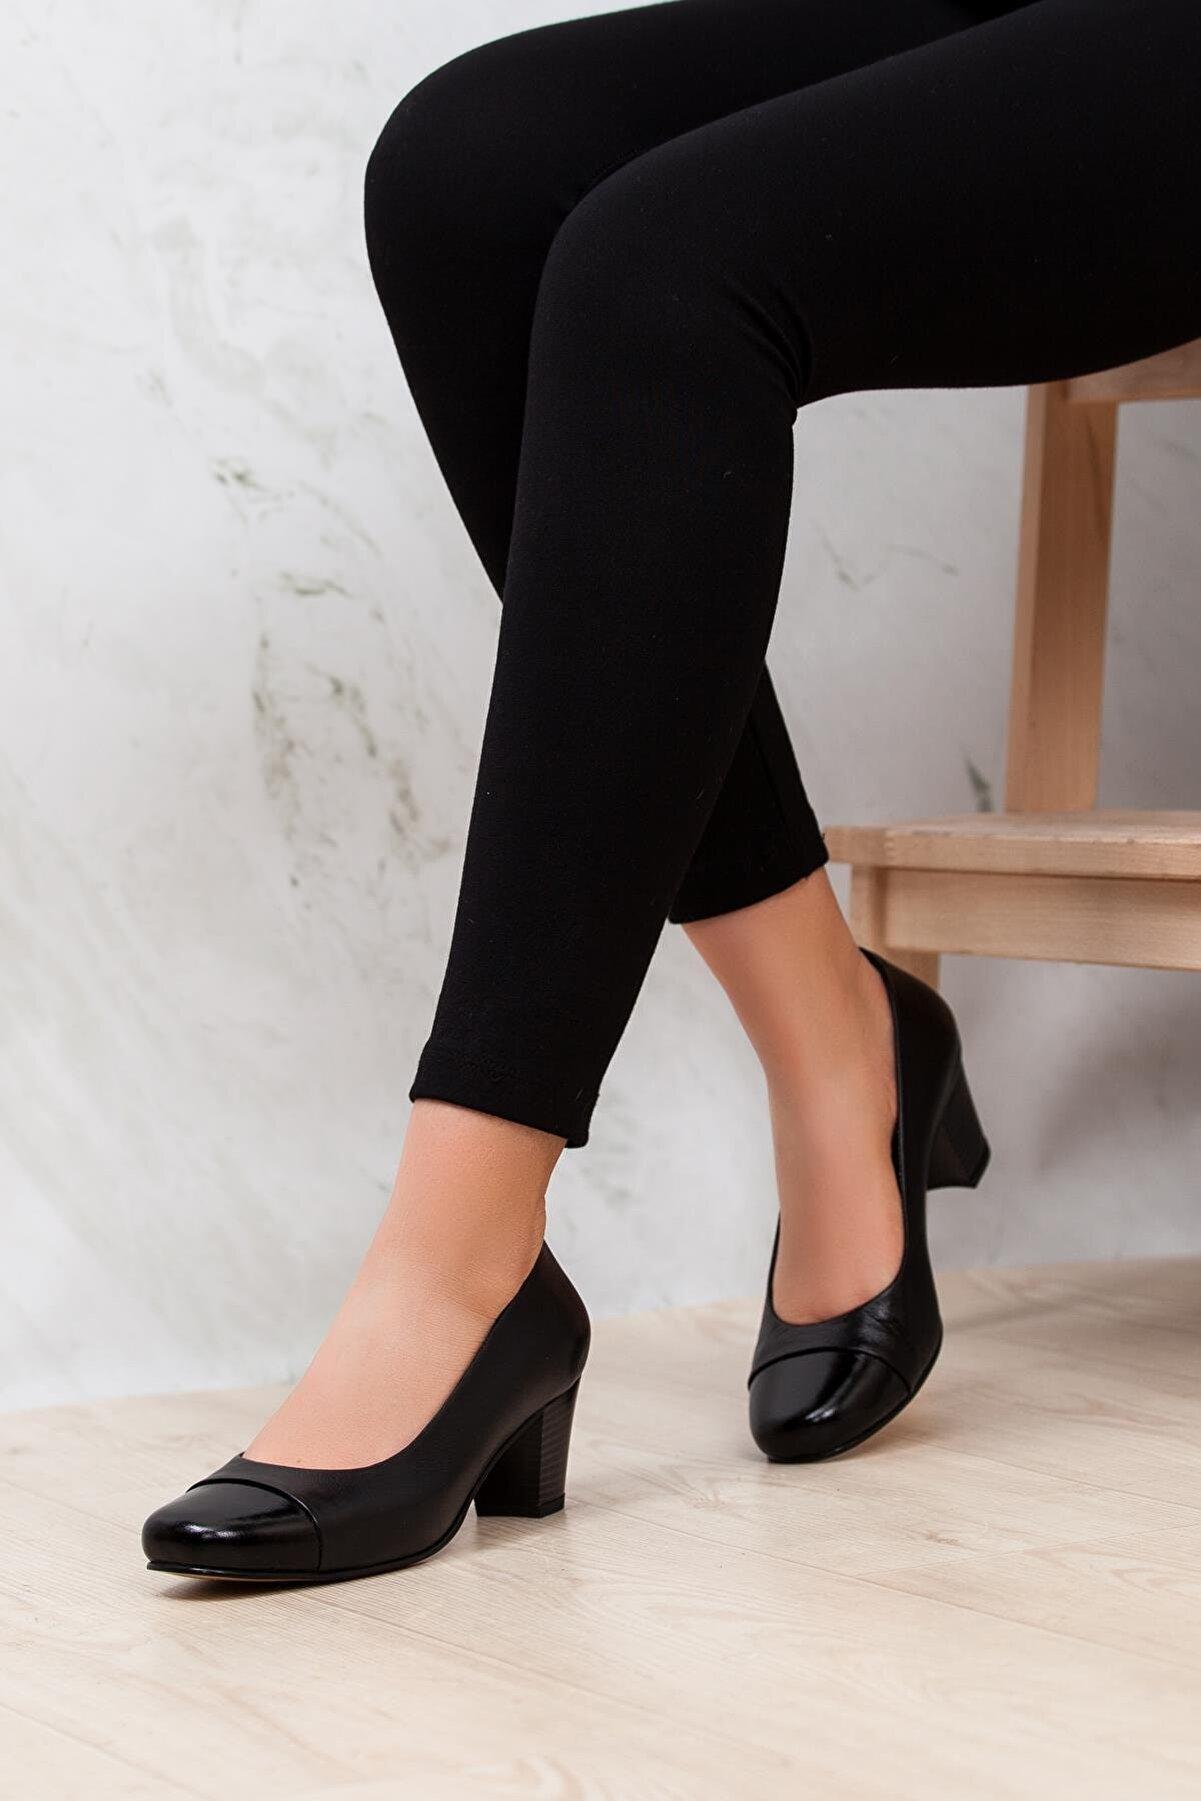 Deripabuc - Anatomik Hakiki Deri Siyah Kadın Topuklu Deri Ayakkabı Shn-0125